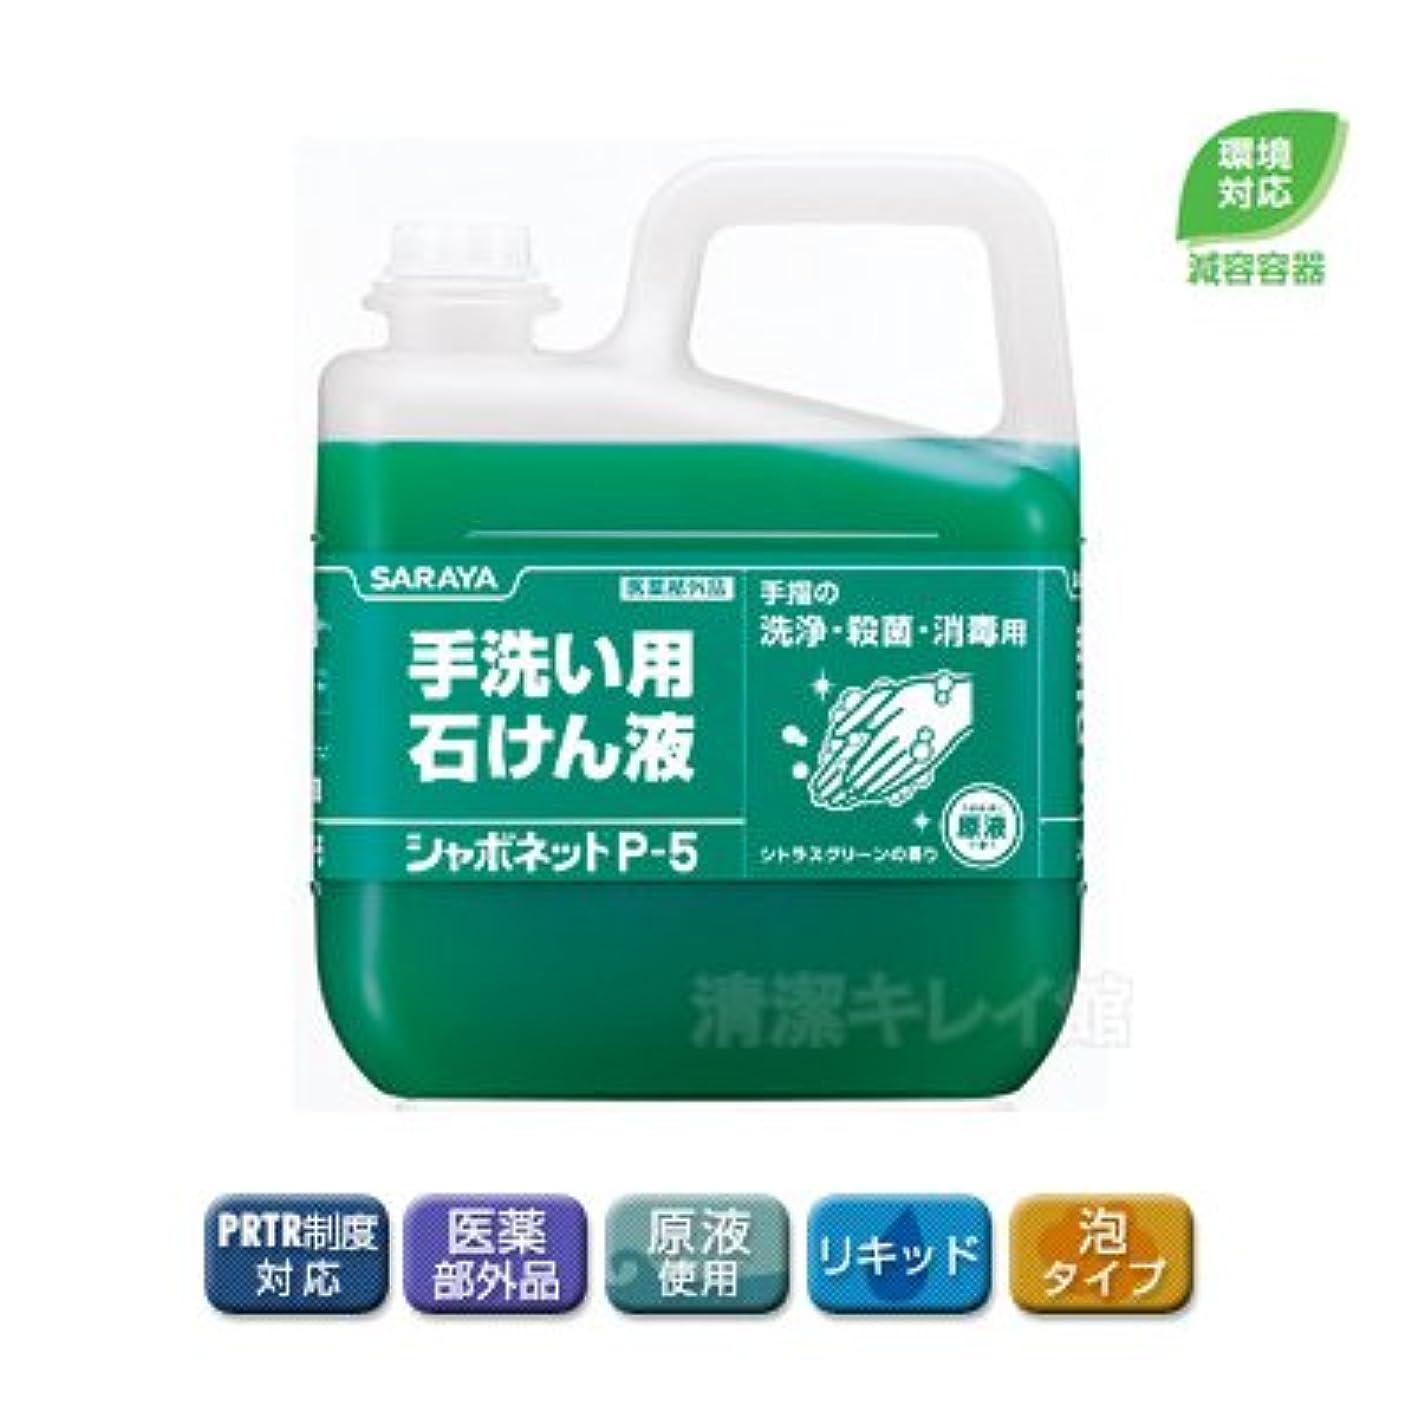 意志ジョブ報酬【清潔キレイ館】サラヤ シャボネット石鹸液P-5(5kg)